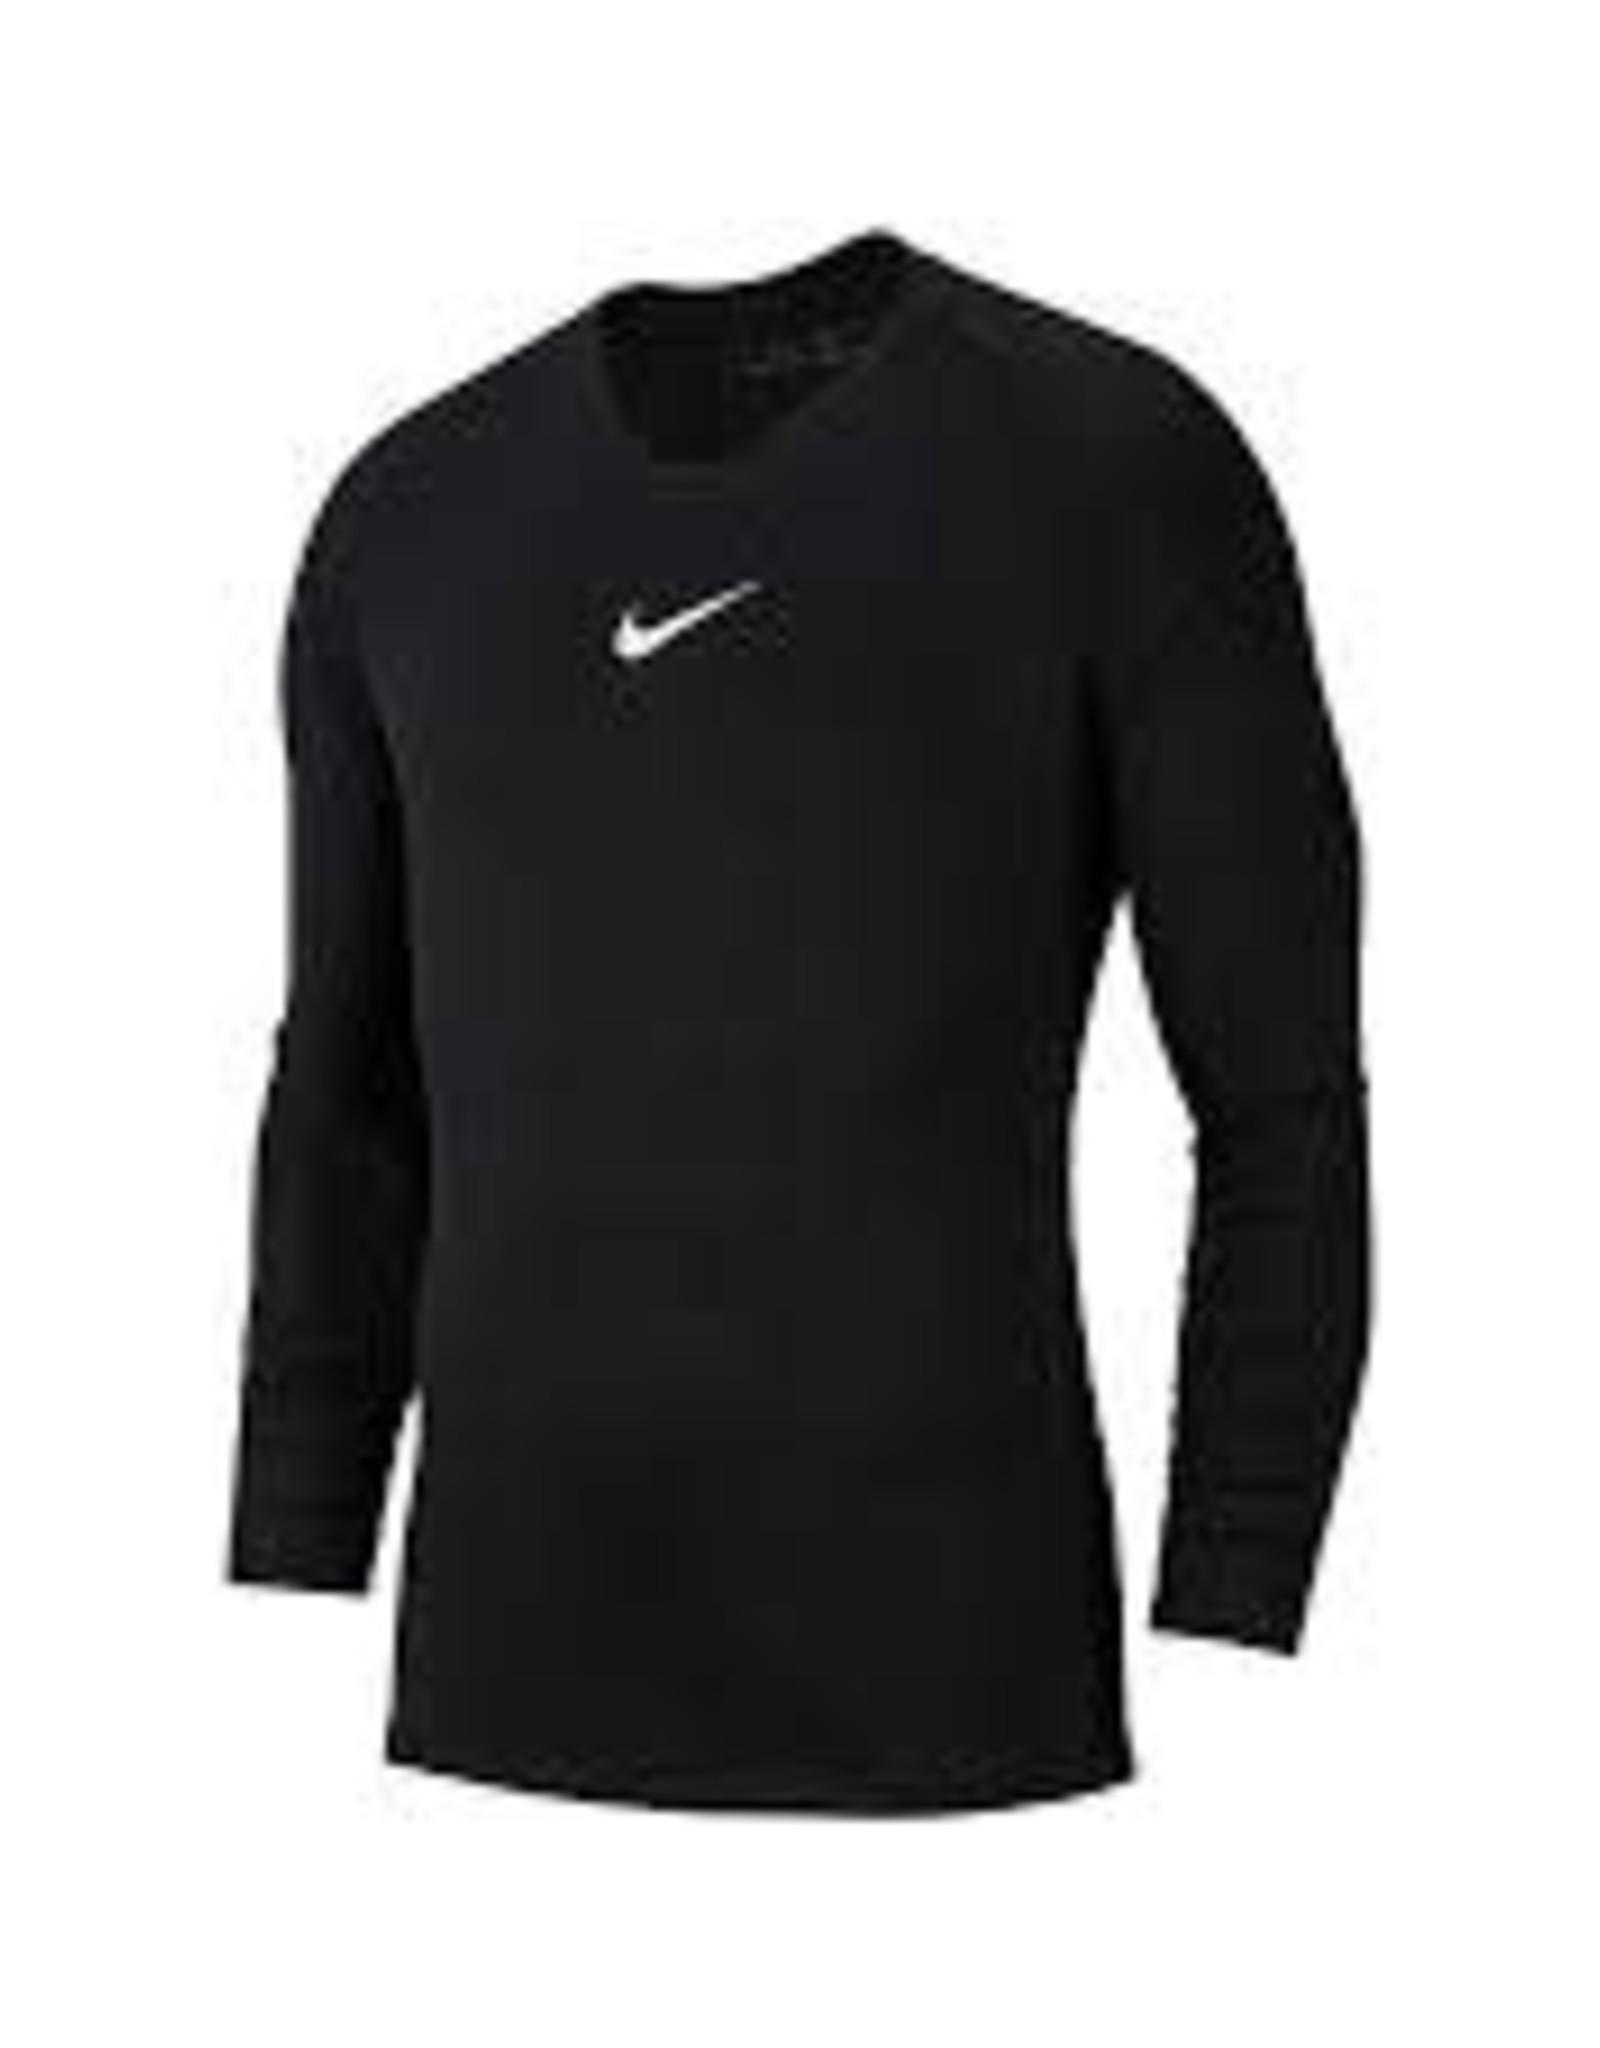 Nike Dri-fit undershirt kids